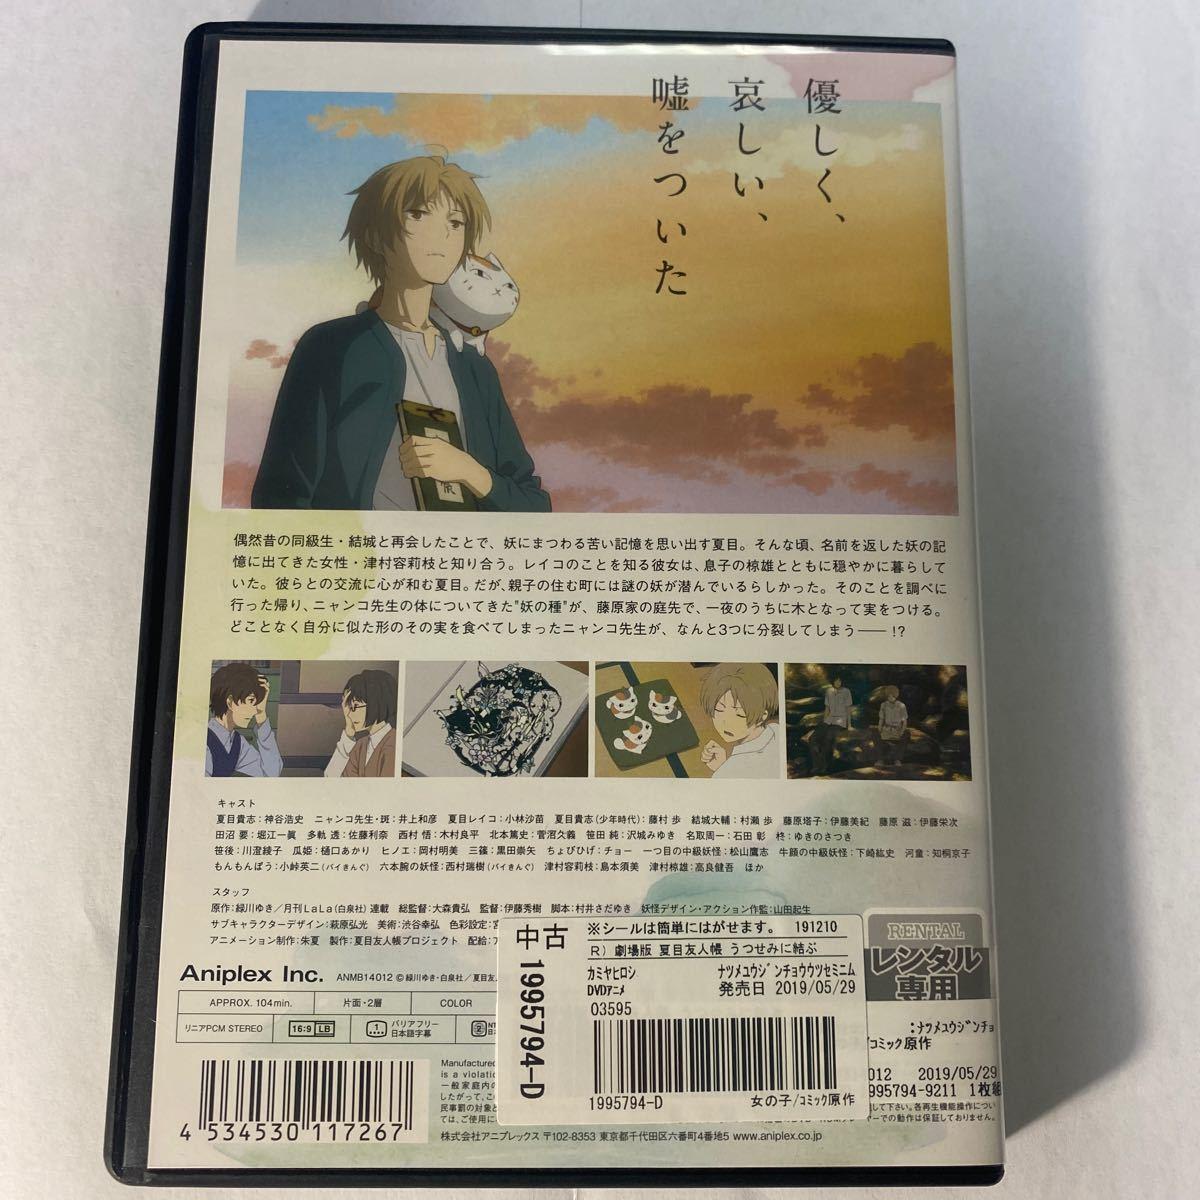 中古アニメ レンタルアップDVD 劇場版 夏目友人帳 うつせみに結ぶレンタル